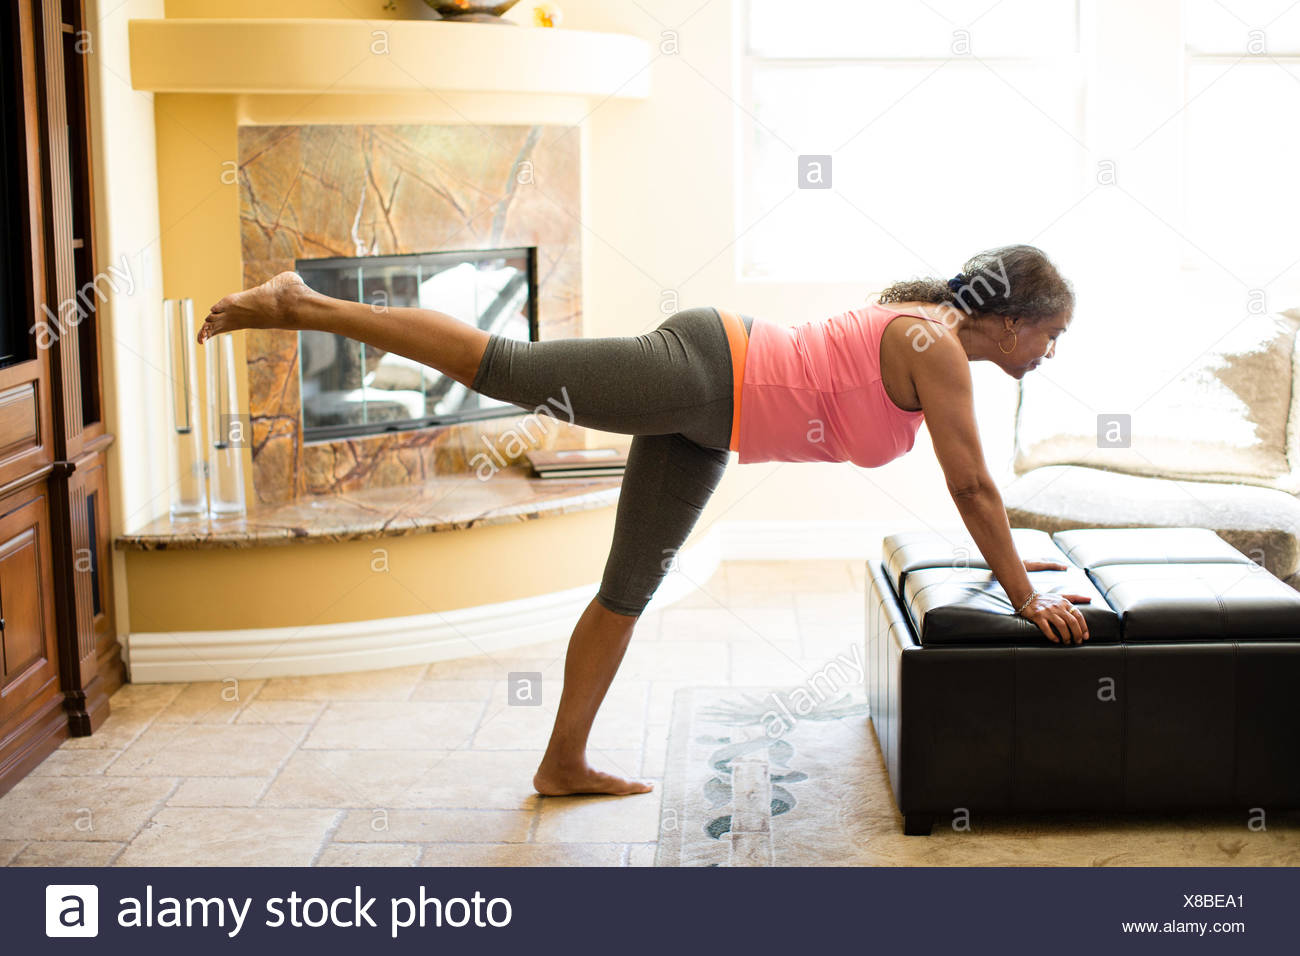 Vista lateral de la mujer recostada contra pouffe haciendo ejercicio de estiramiento Imagen De Stock